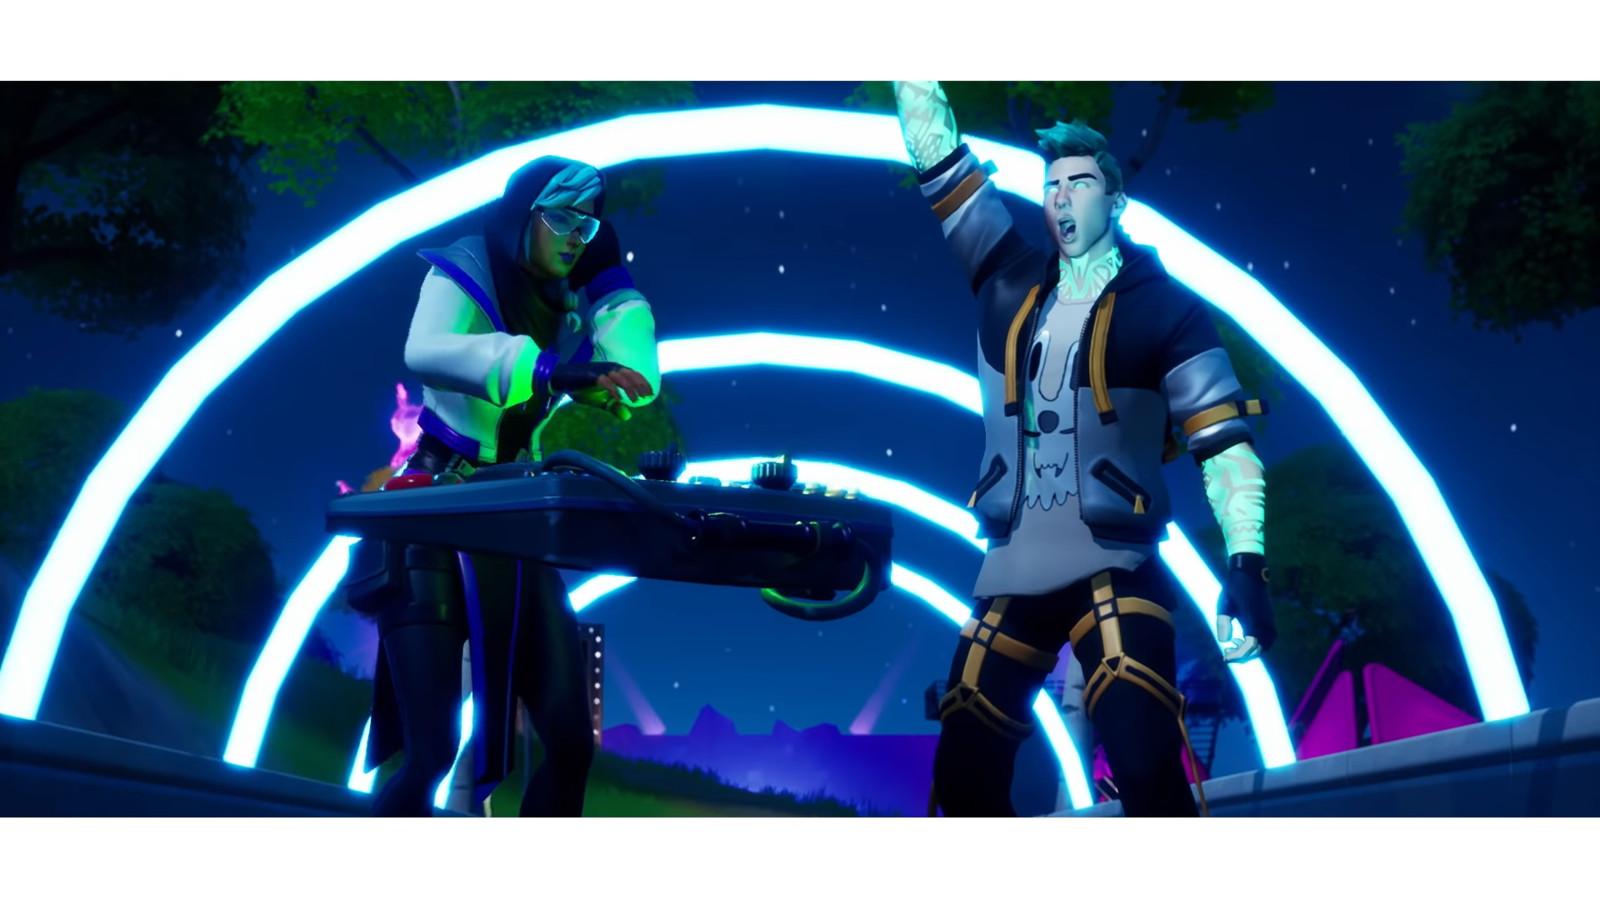 In de Party Royale-modus van Fortnite zijn wapens en materialen niet toegestaan en gaat het om plezier hebben met elkaar.